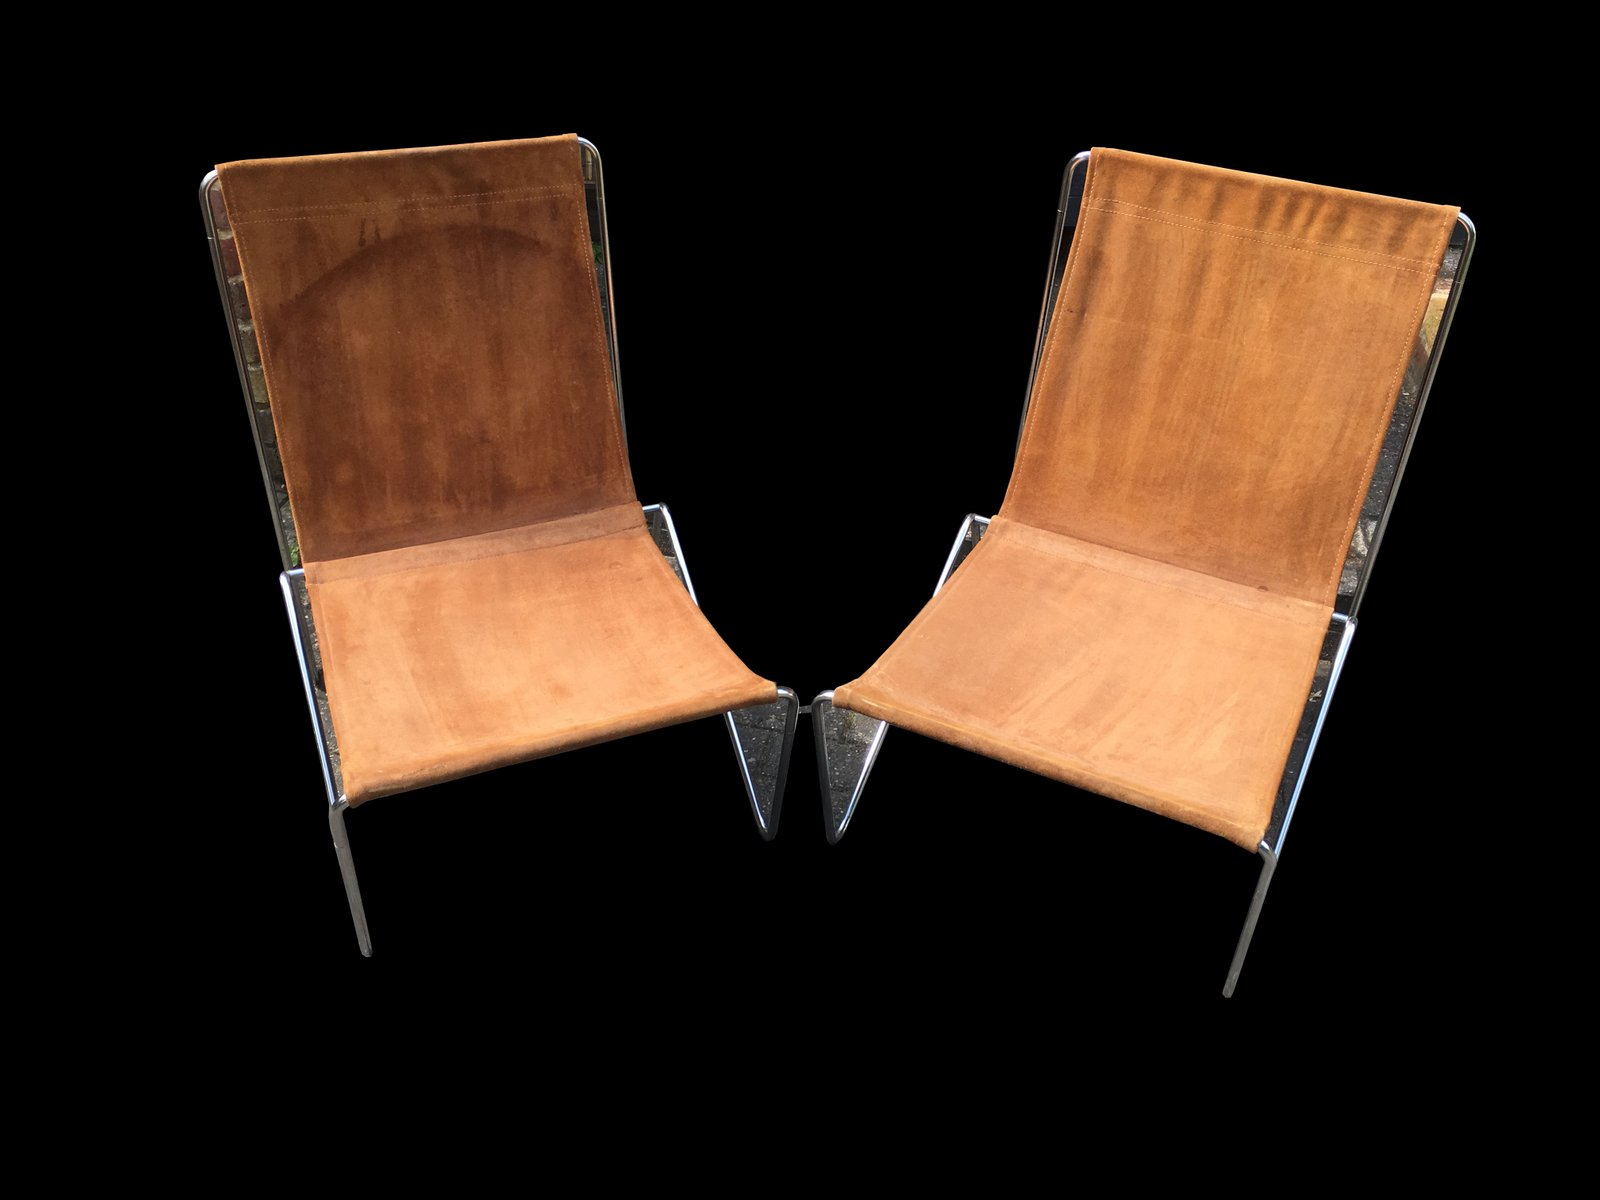 bachelor chairs von verner panton f r fritz hansen 1950er bei pamono kaufen. Black Bedroom Furniture Sets. Home Design Ideas